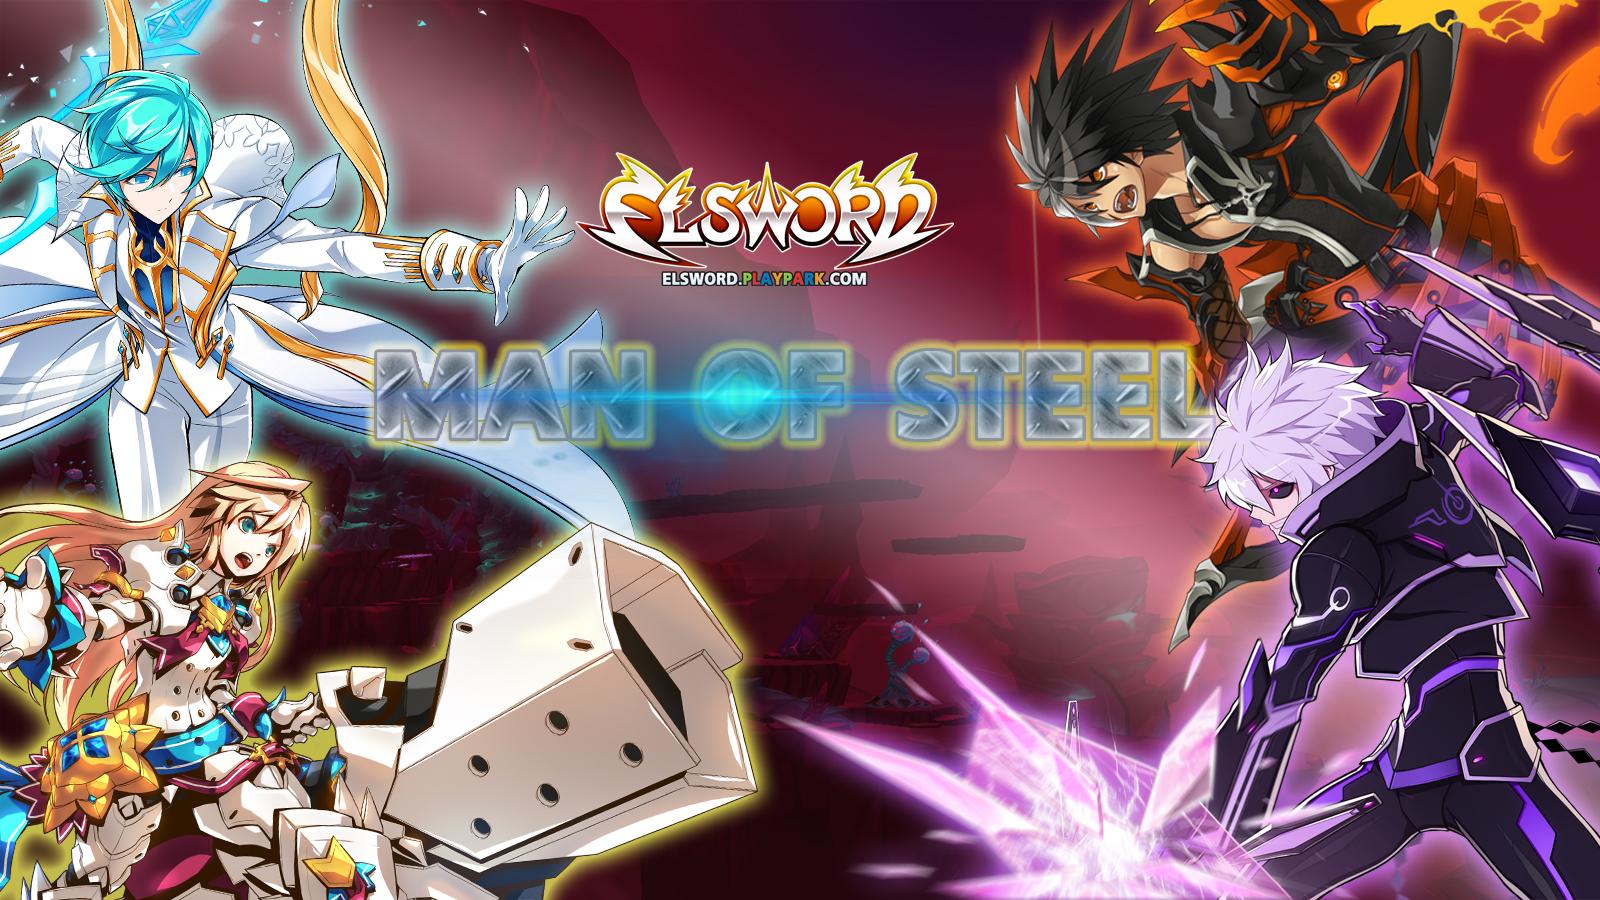 ELSWORD The Man Of Steel !! แข่งชิงแชมป์ สุดยอดตัวละครชาย !